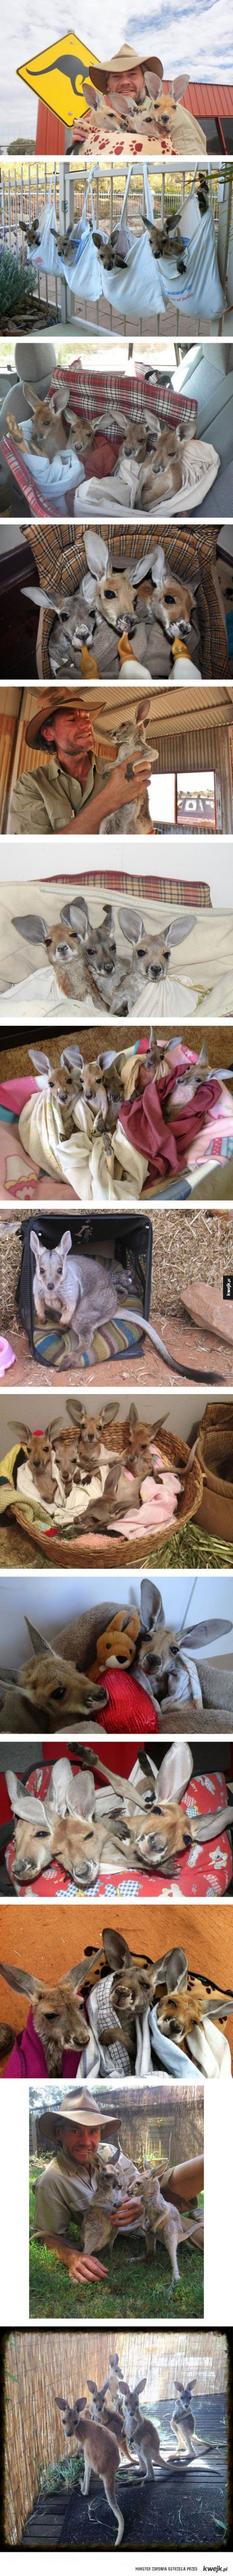 Schronisko dla kangurów